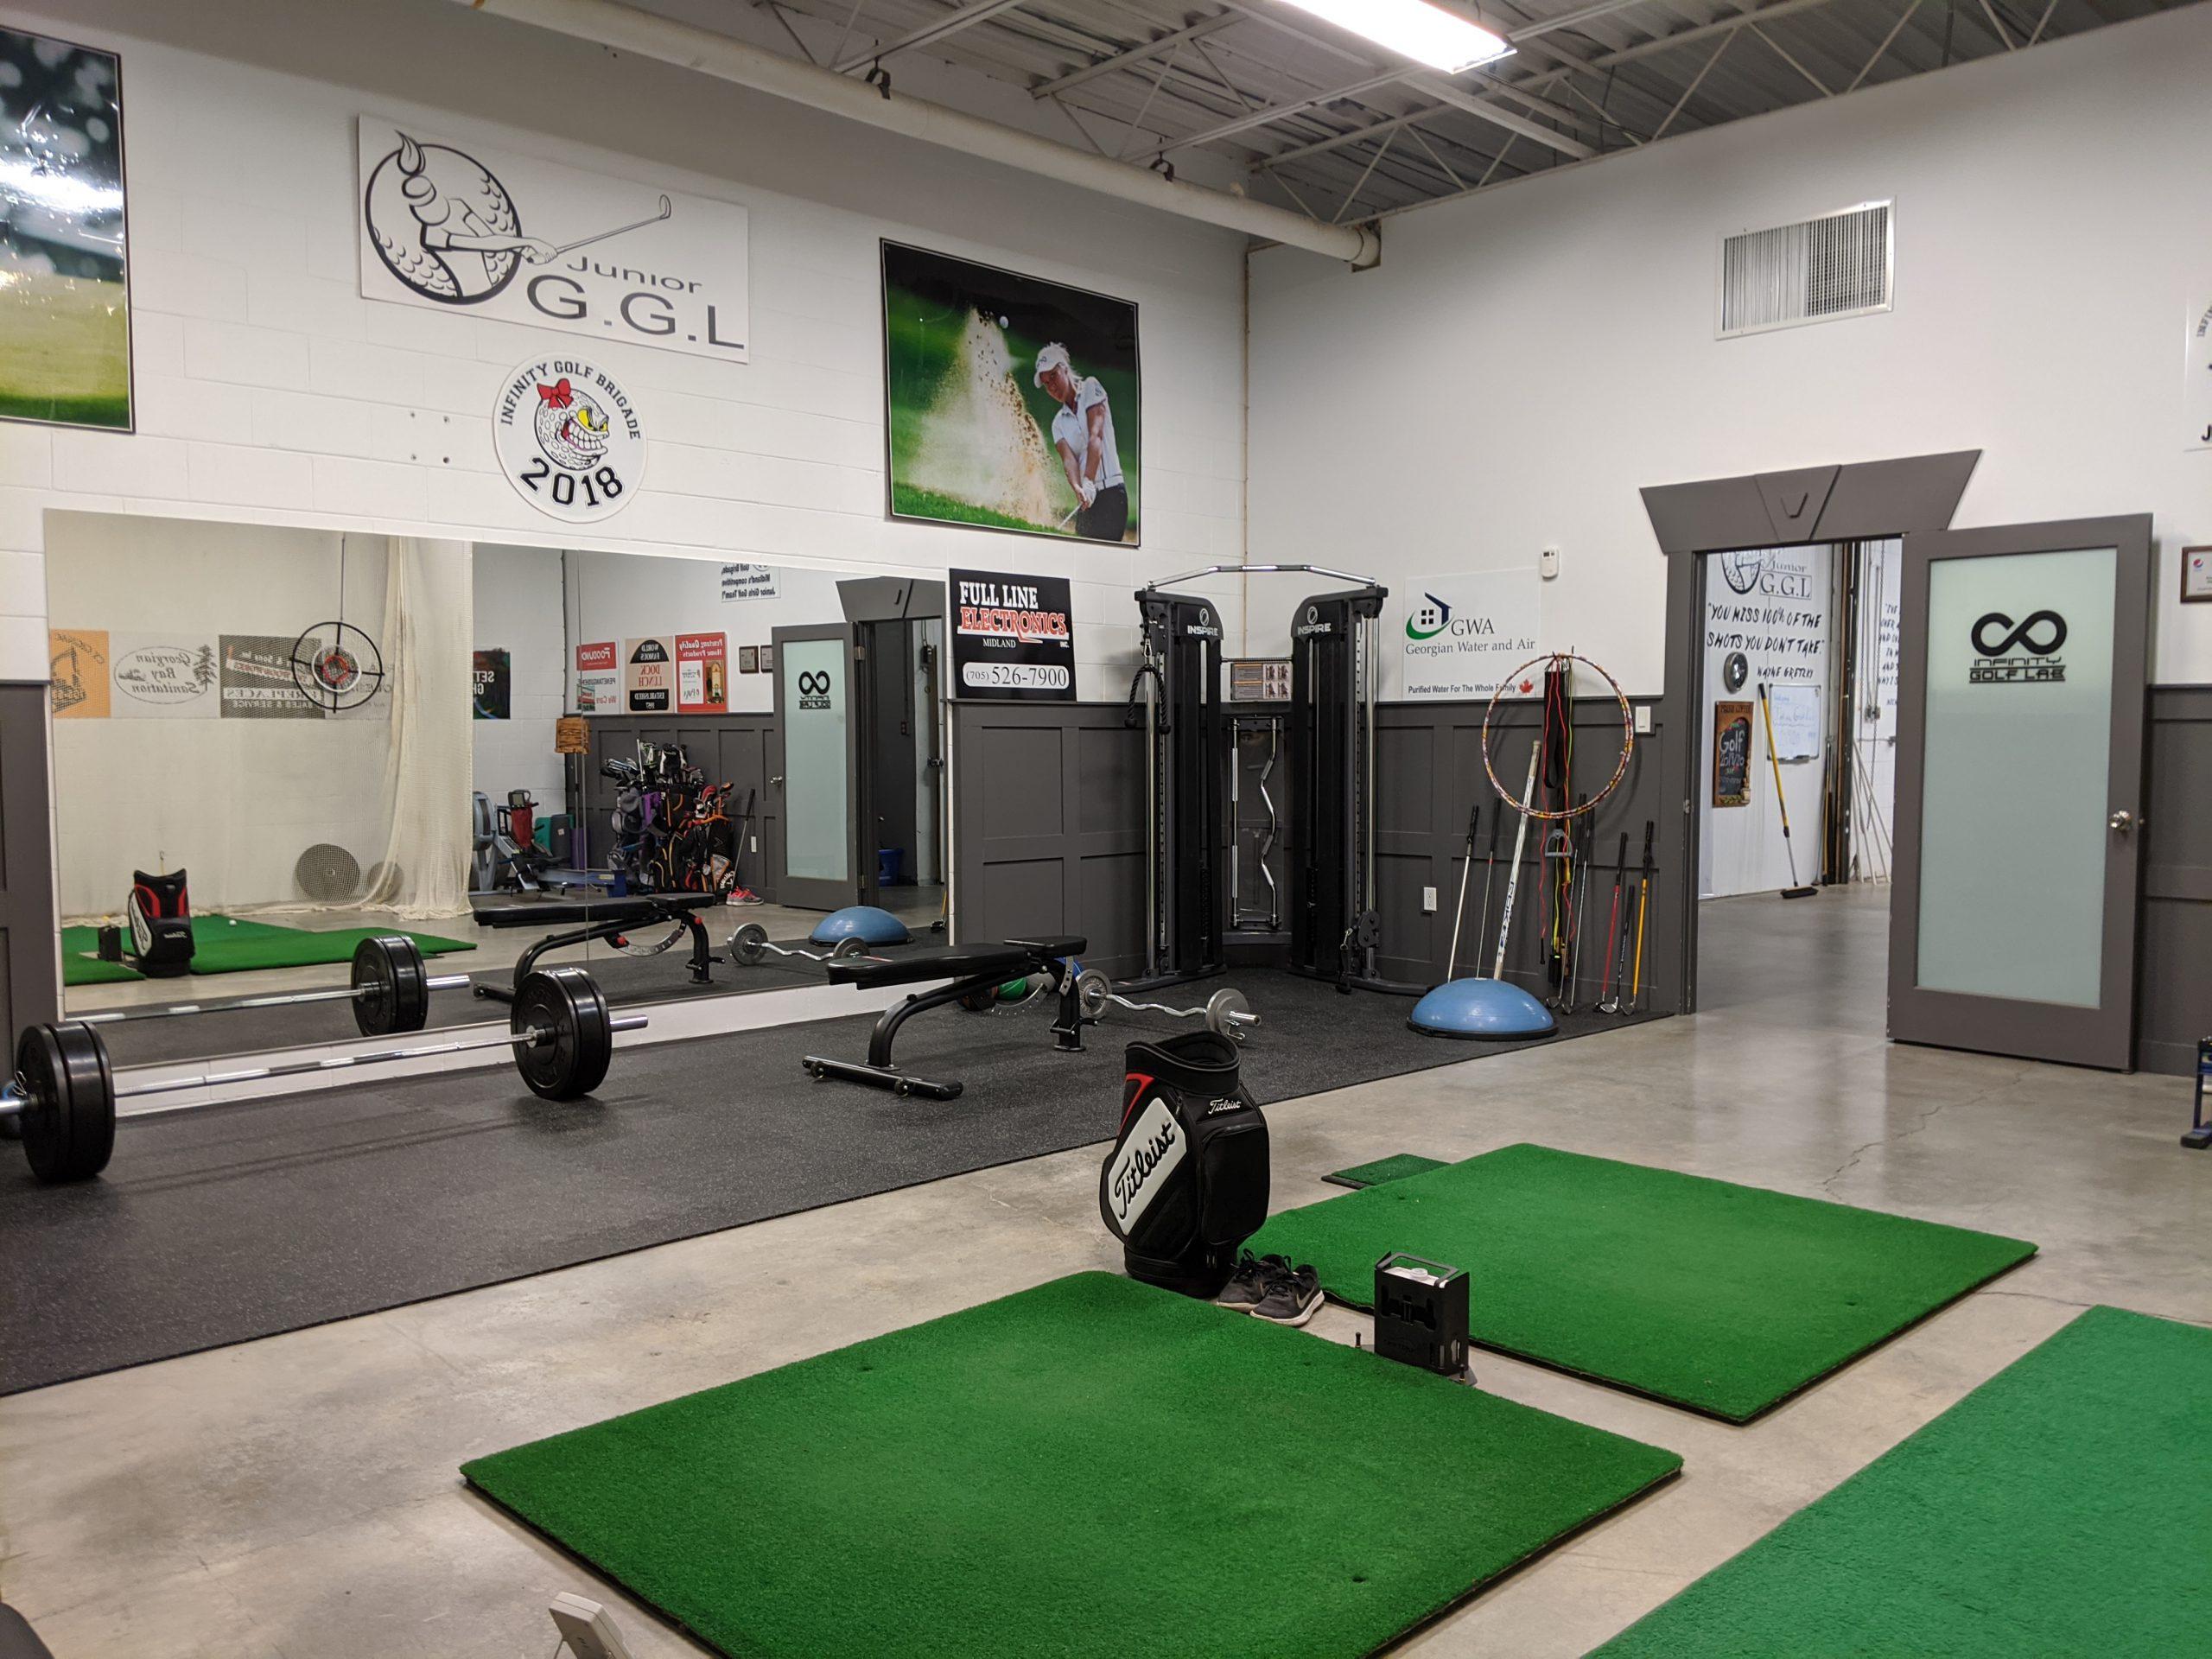 Indoor golf area – Pat Quilty